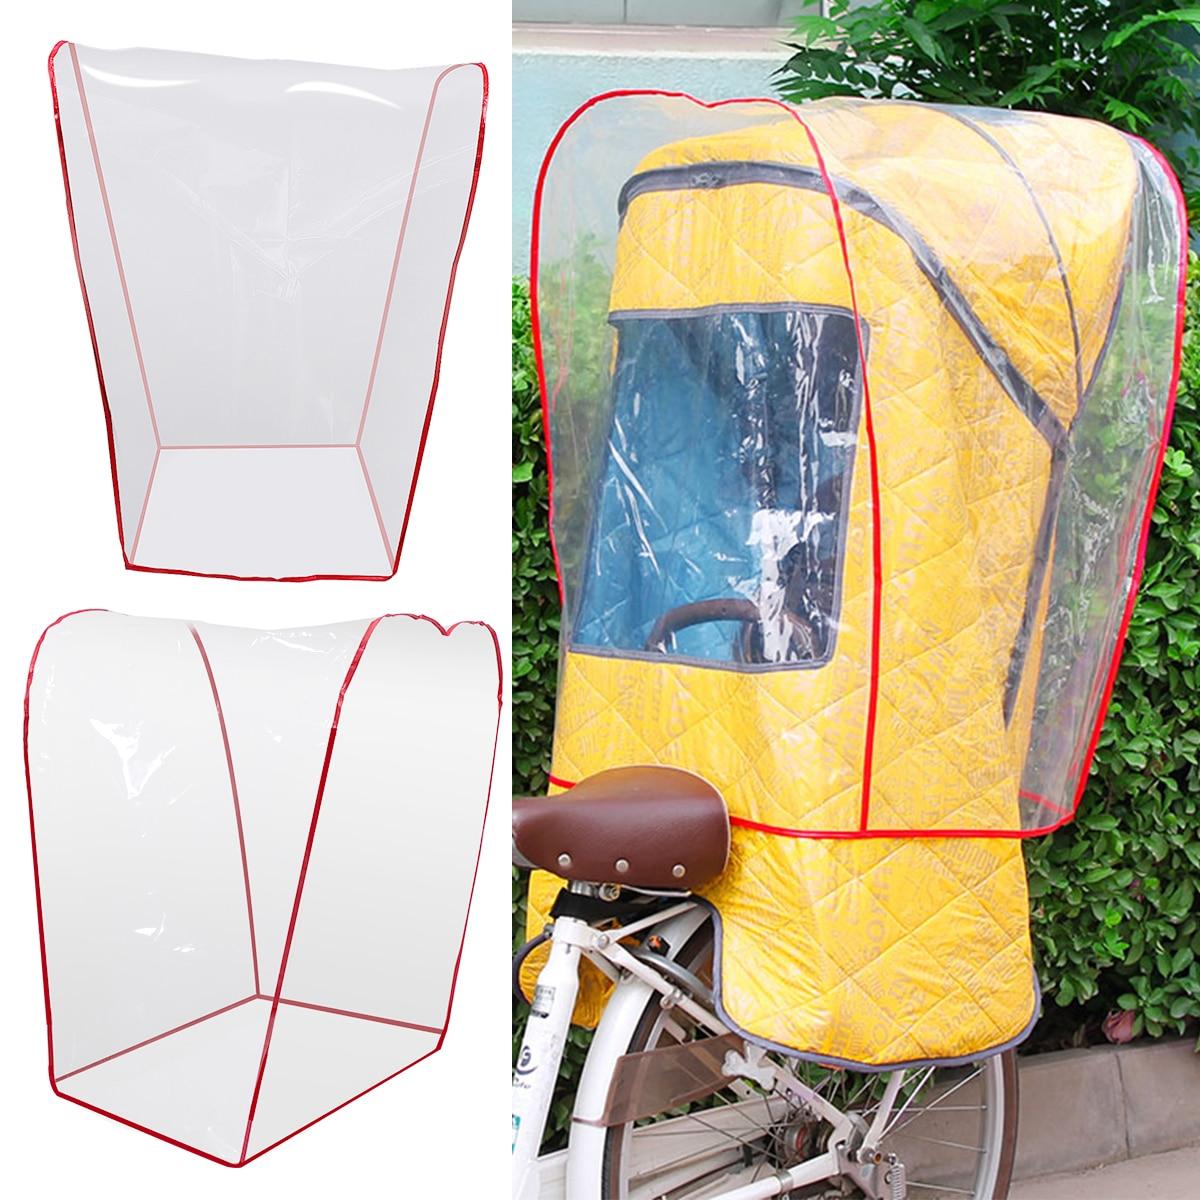 Transparente Capa de Chuva Capa de Chuva Protetor de Vento À Prova D Água Sombra para o Assento Da Bicicleta Da Criança